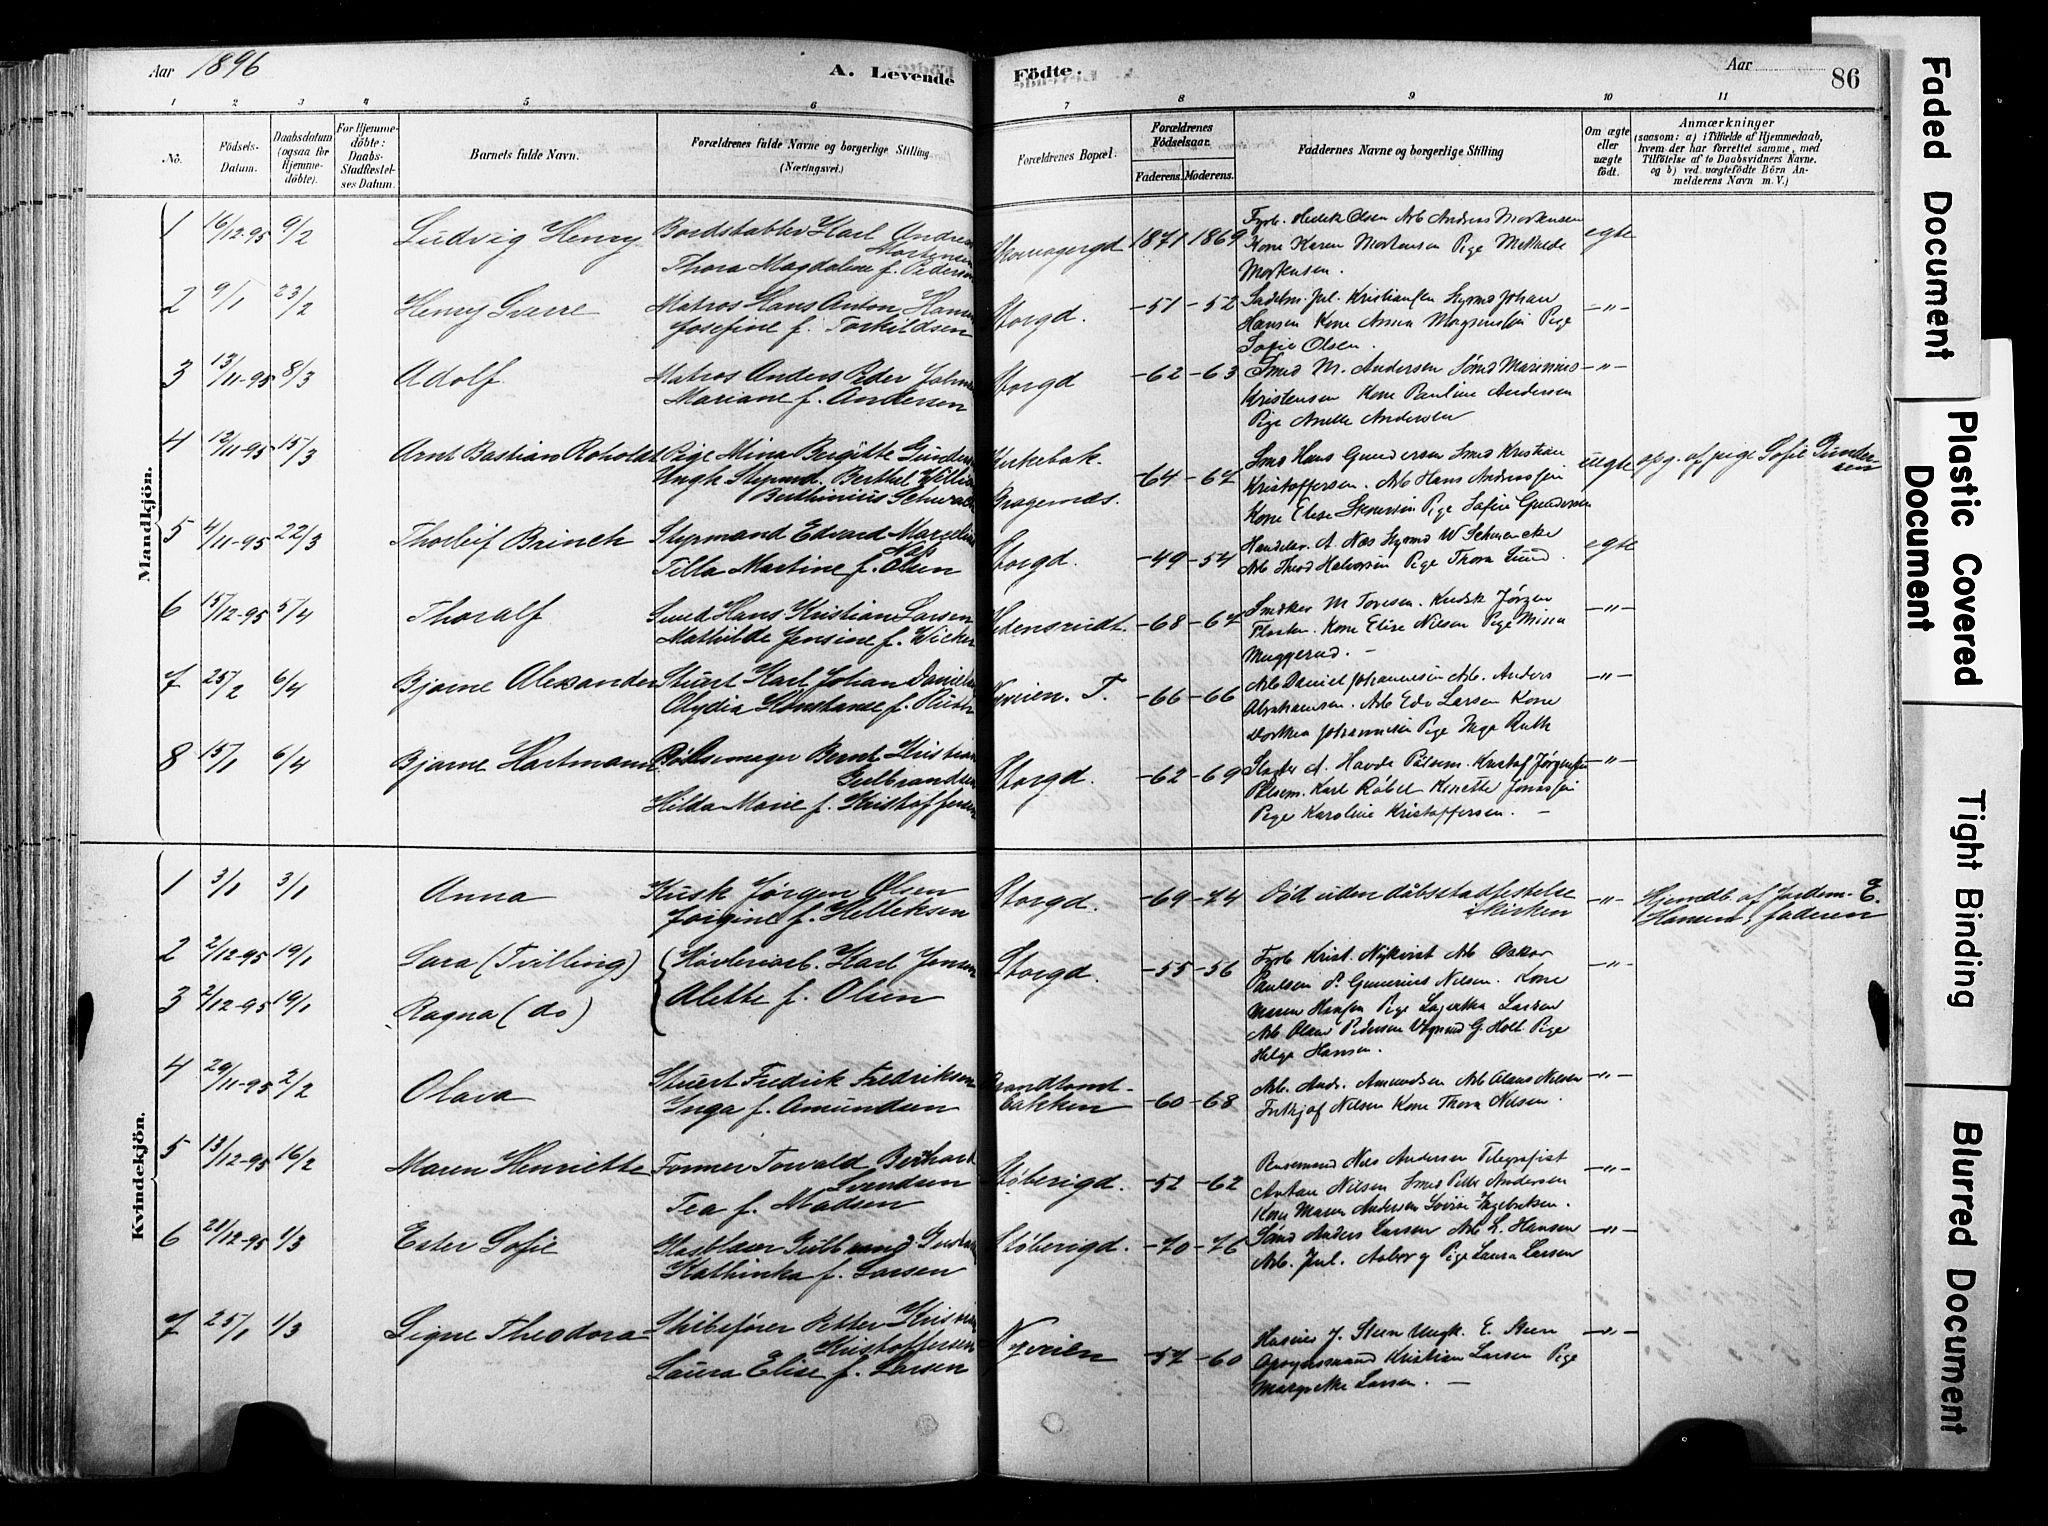 SAKO, Strømsø kirkebøker, F/Fb/L0006: Ministerialbok nr. II 6, 1879-1910, s. 86